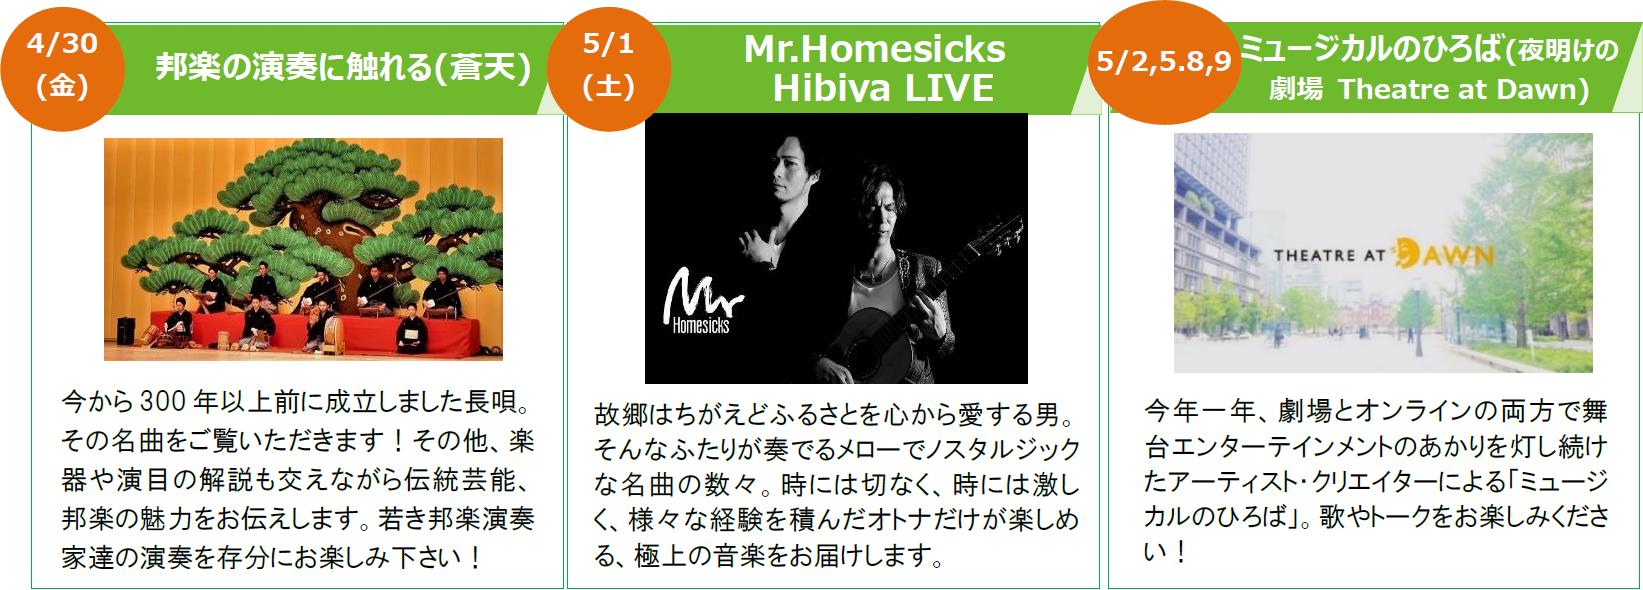 hibiya-festival-8-2